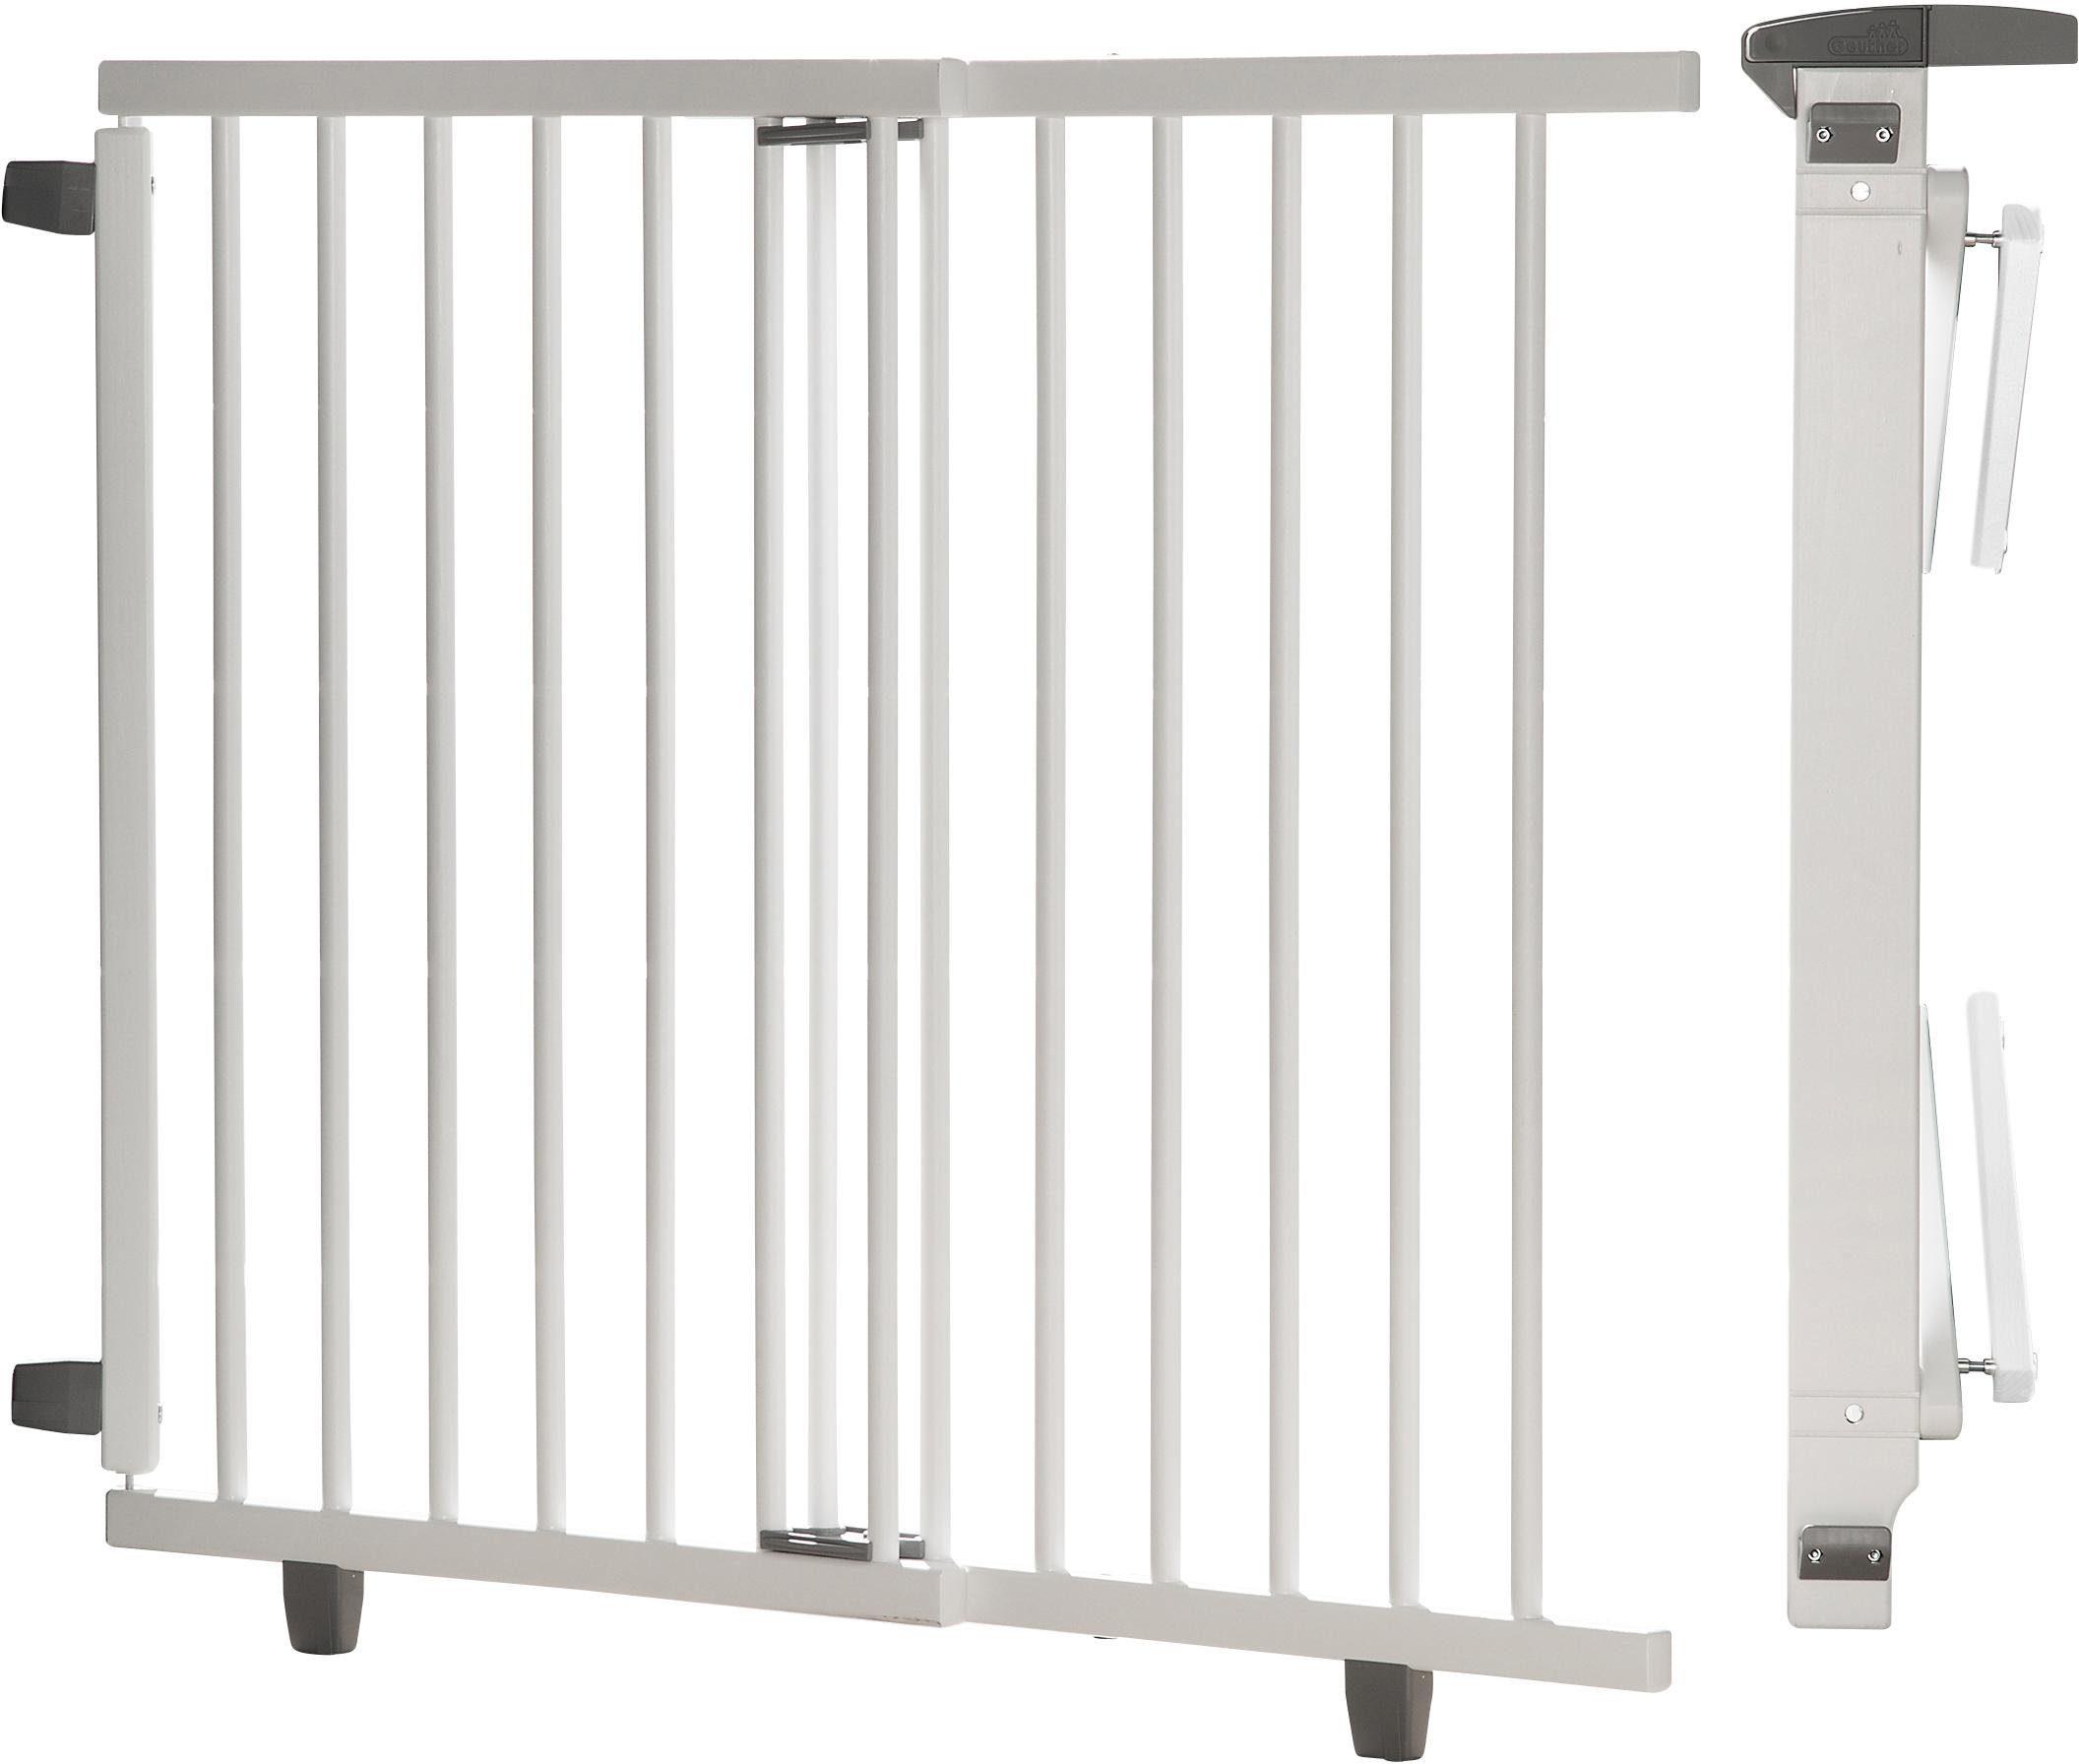 Treppengitter 78-100,5 cm Höhe 83,5 cm Roba Holz Schutzgitter Türgitter